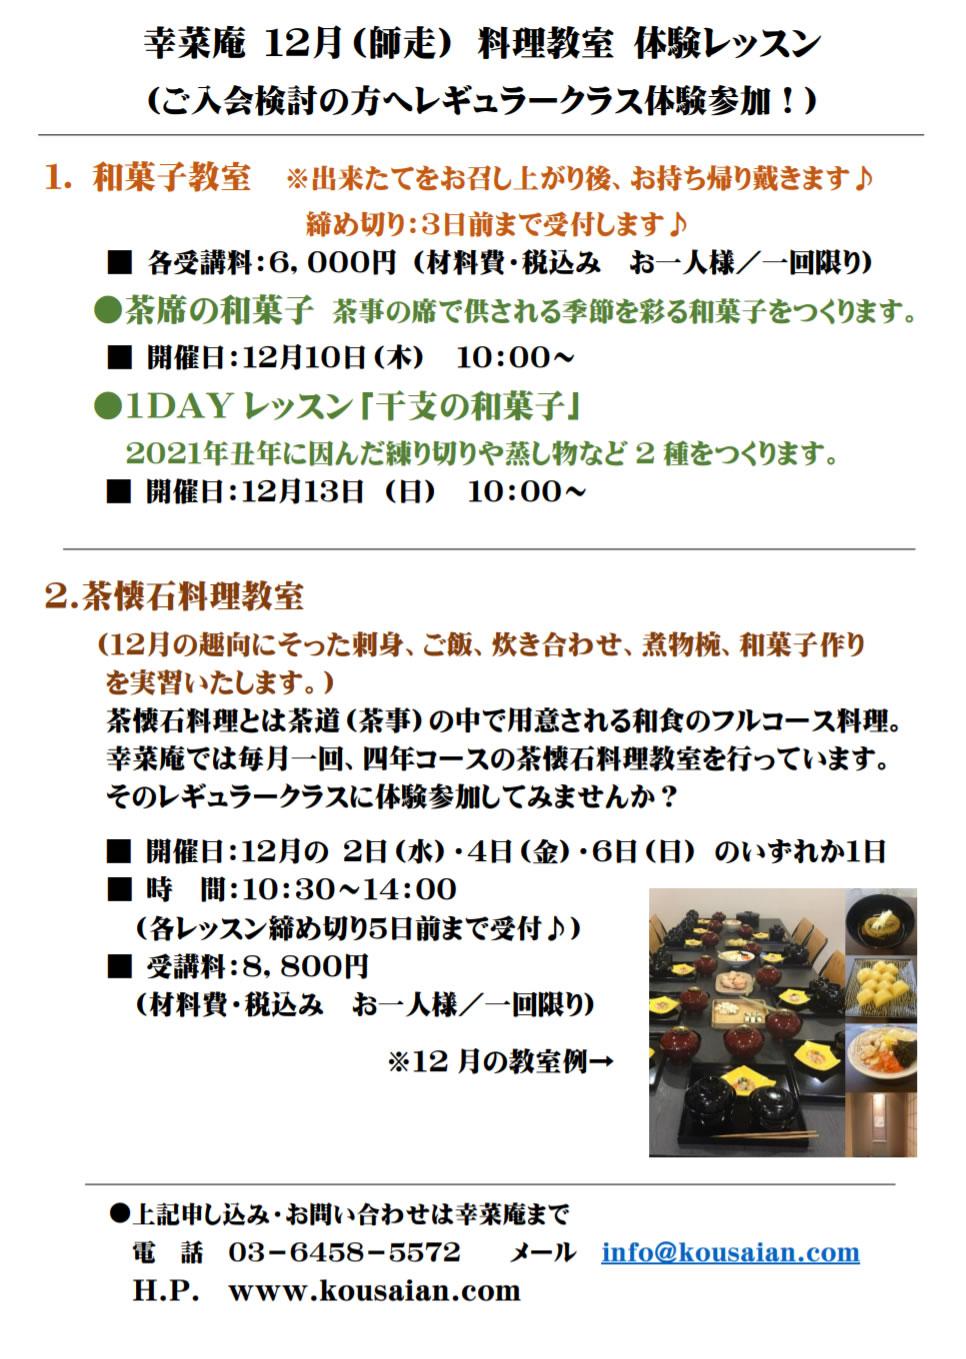 幸菜庵  12月(師走)の料理教室 体験レッスン ご予約受付中